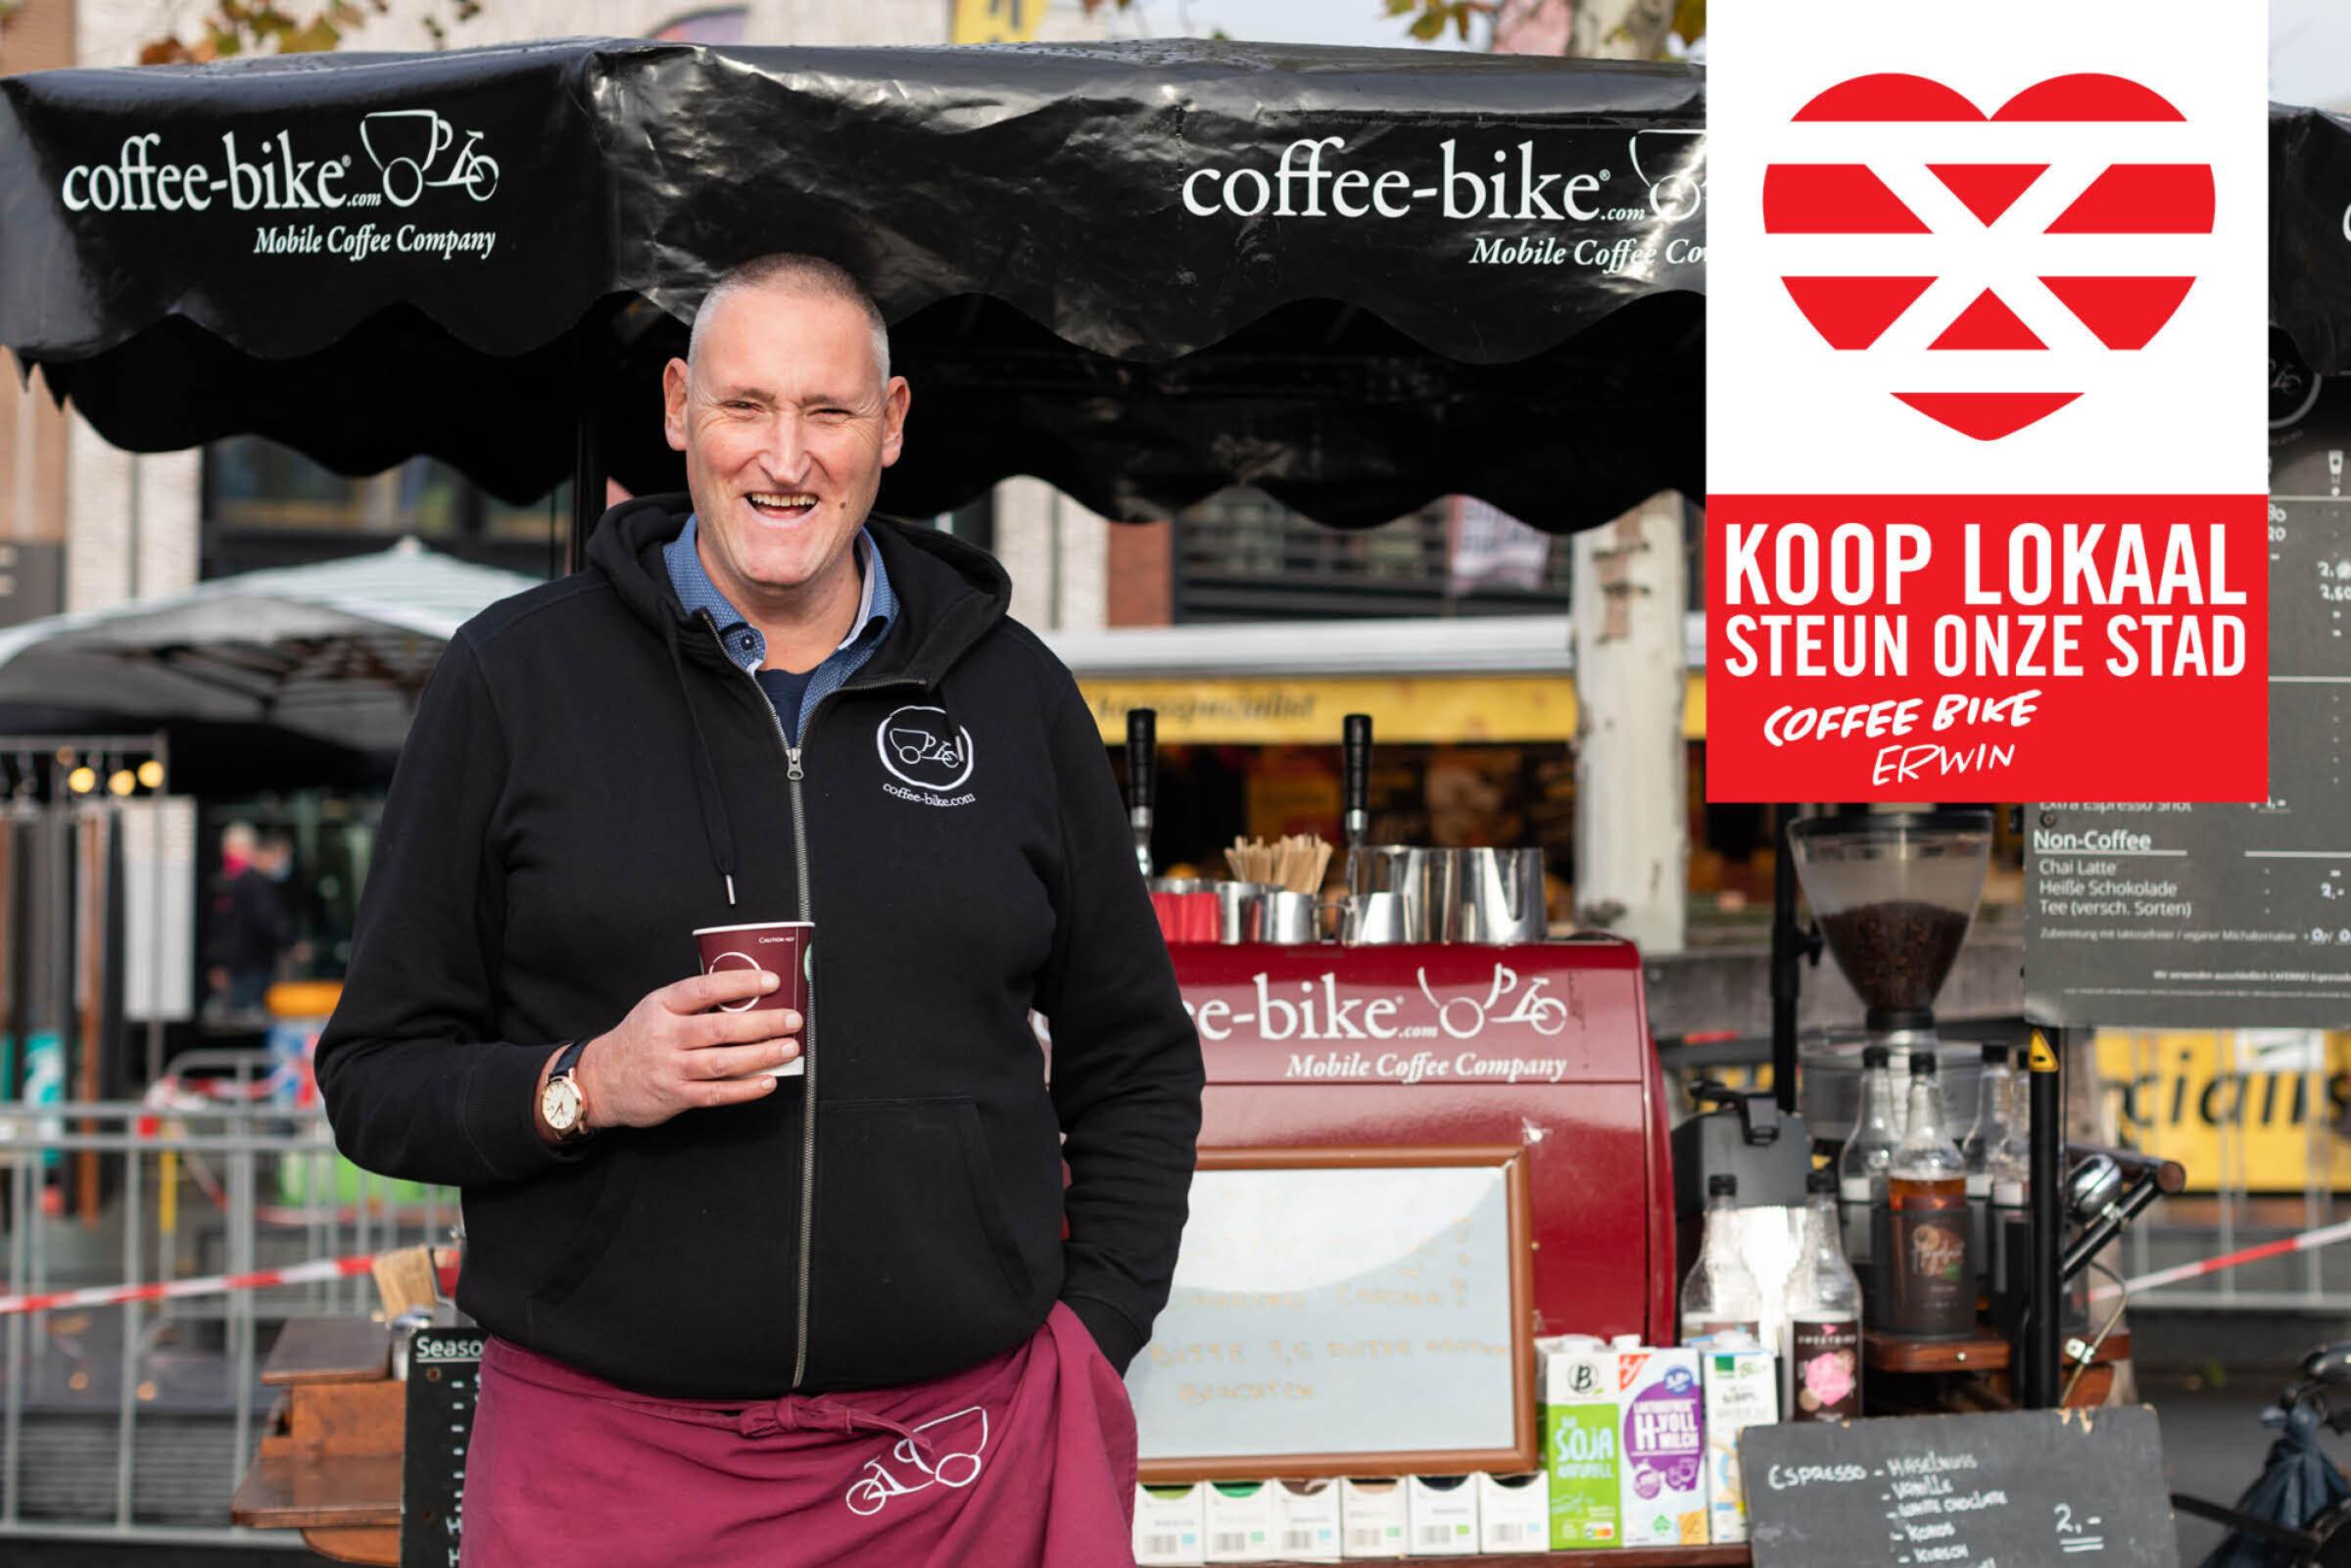 Steun onze stad Koop lokaal Enschede Coffee Bike Erwin